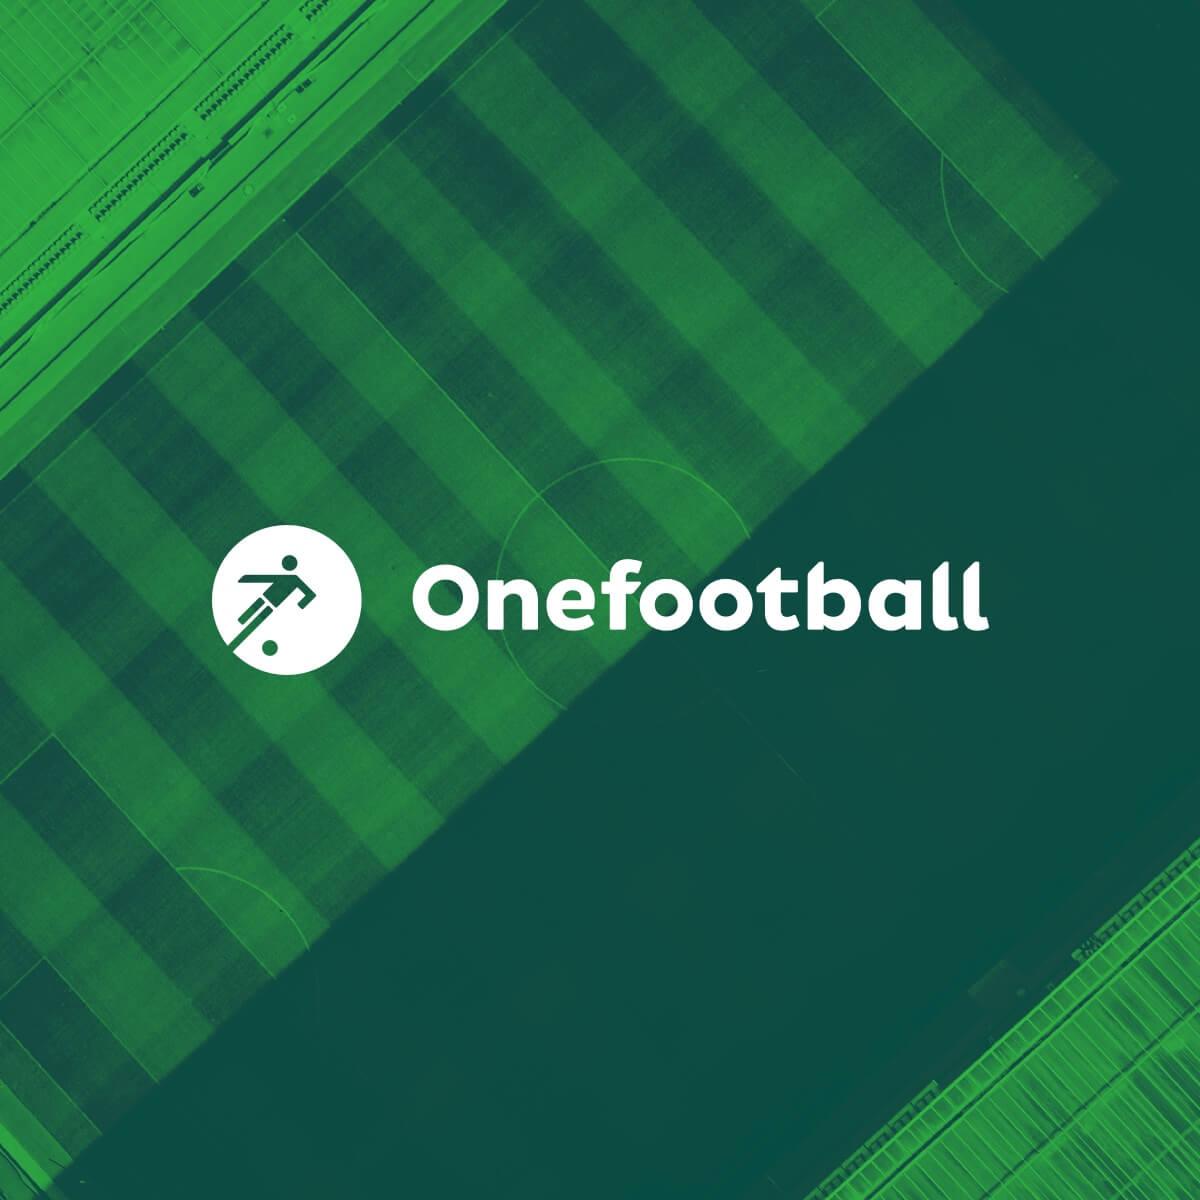 No momento não temos promoções abertas.Confira o Onefootball e fique ligado em todas as notícias do mundo do futebol. - Baixe o App agora! É grátis: http://bit.ly/2S5gkAh